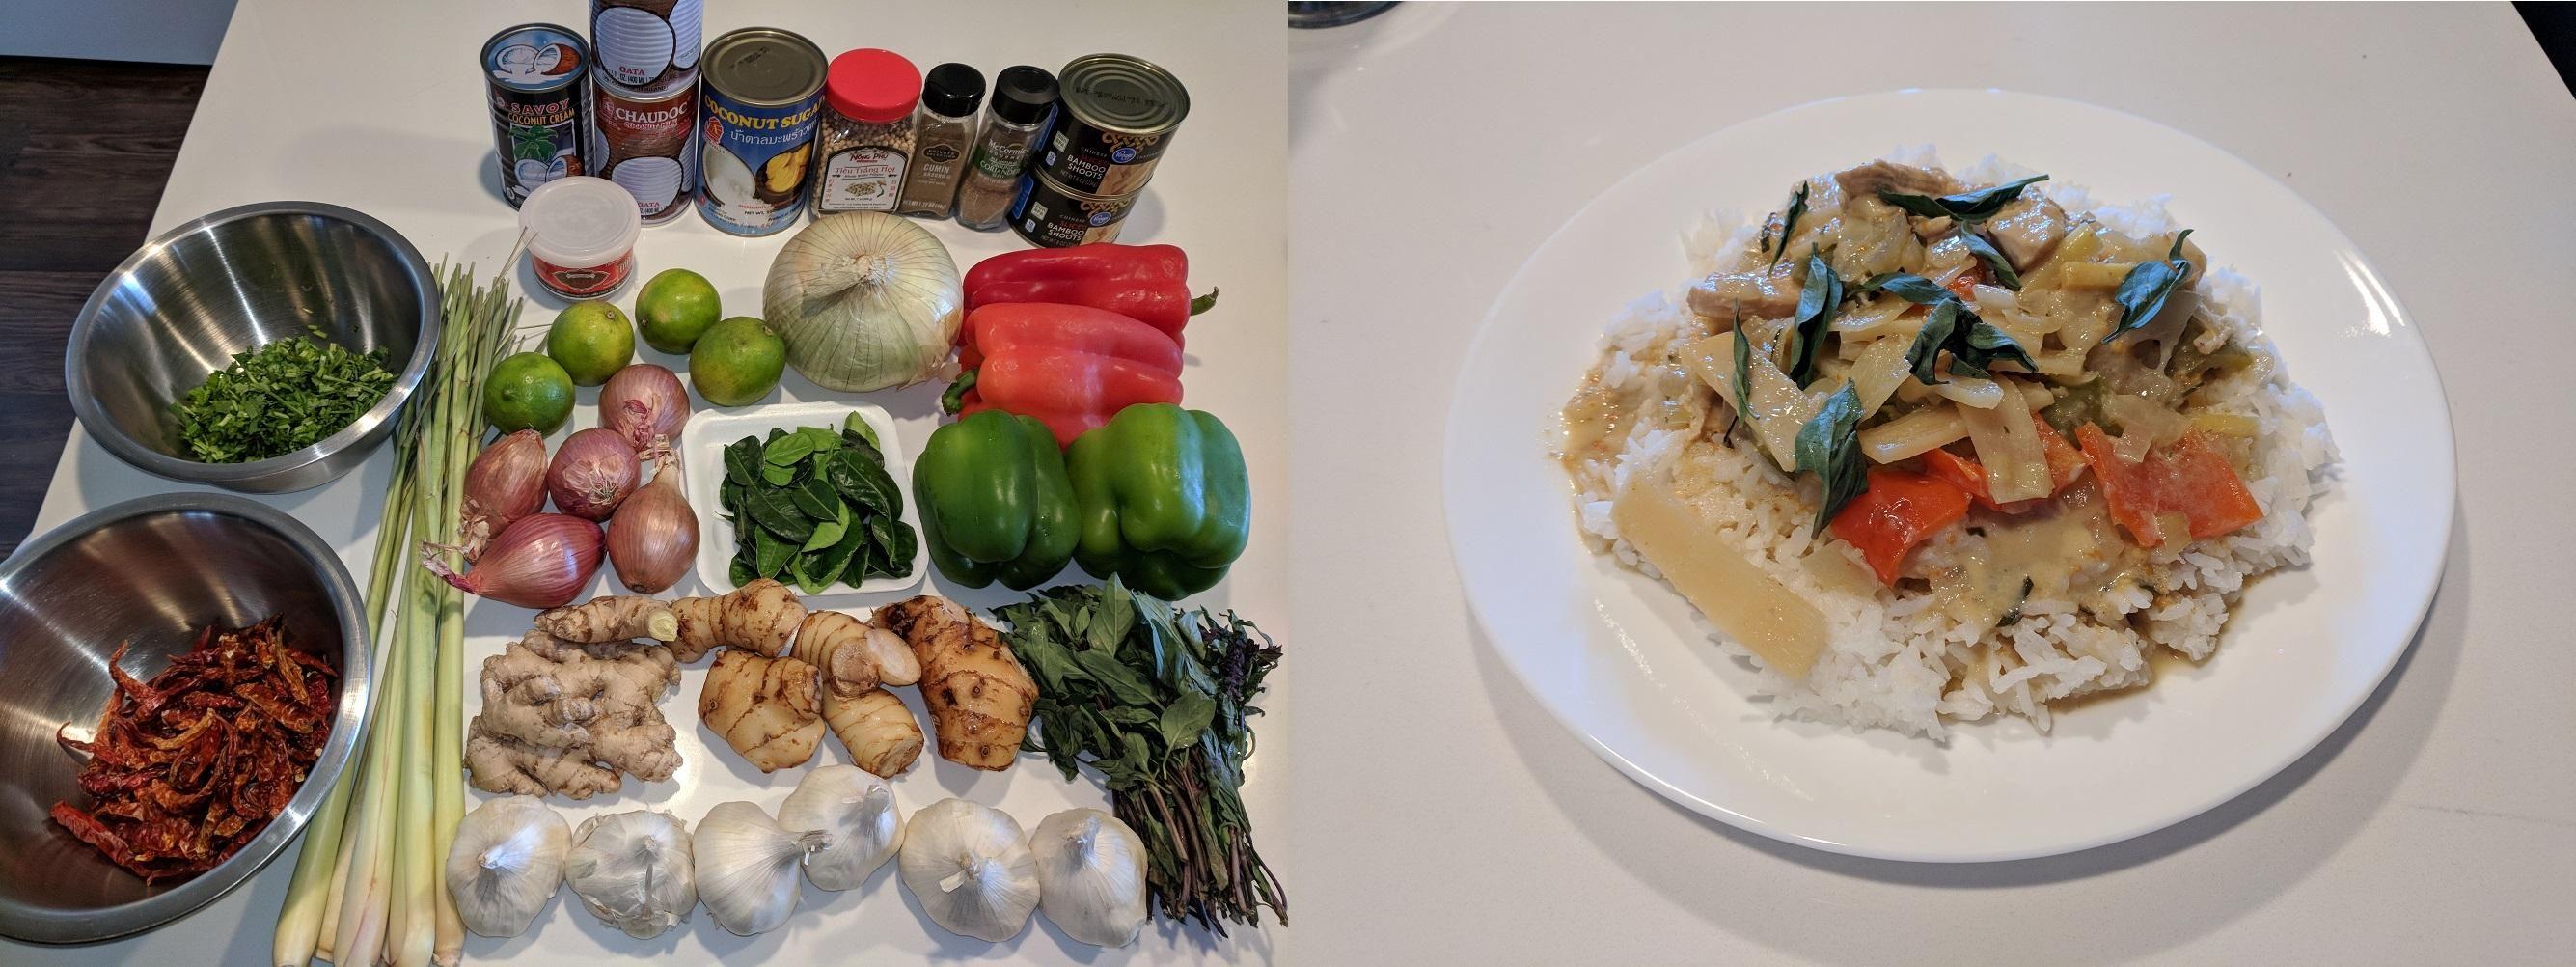 [Homemade] Thai Red Curry Pesce